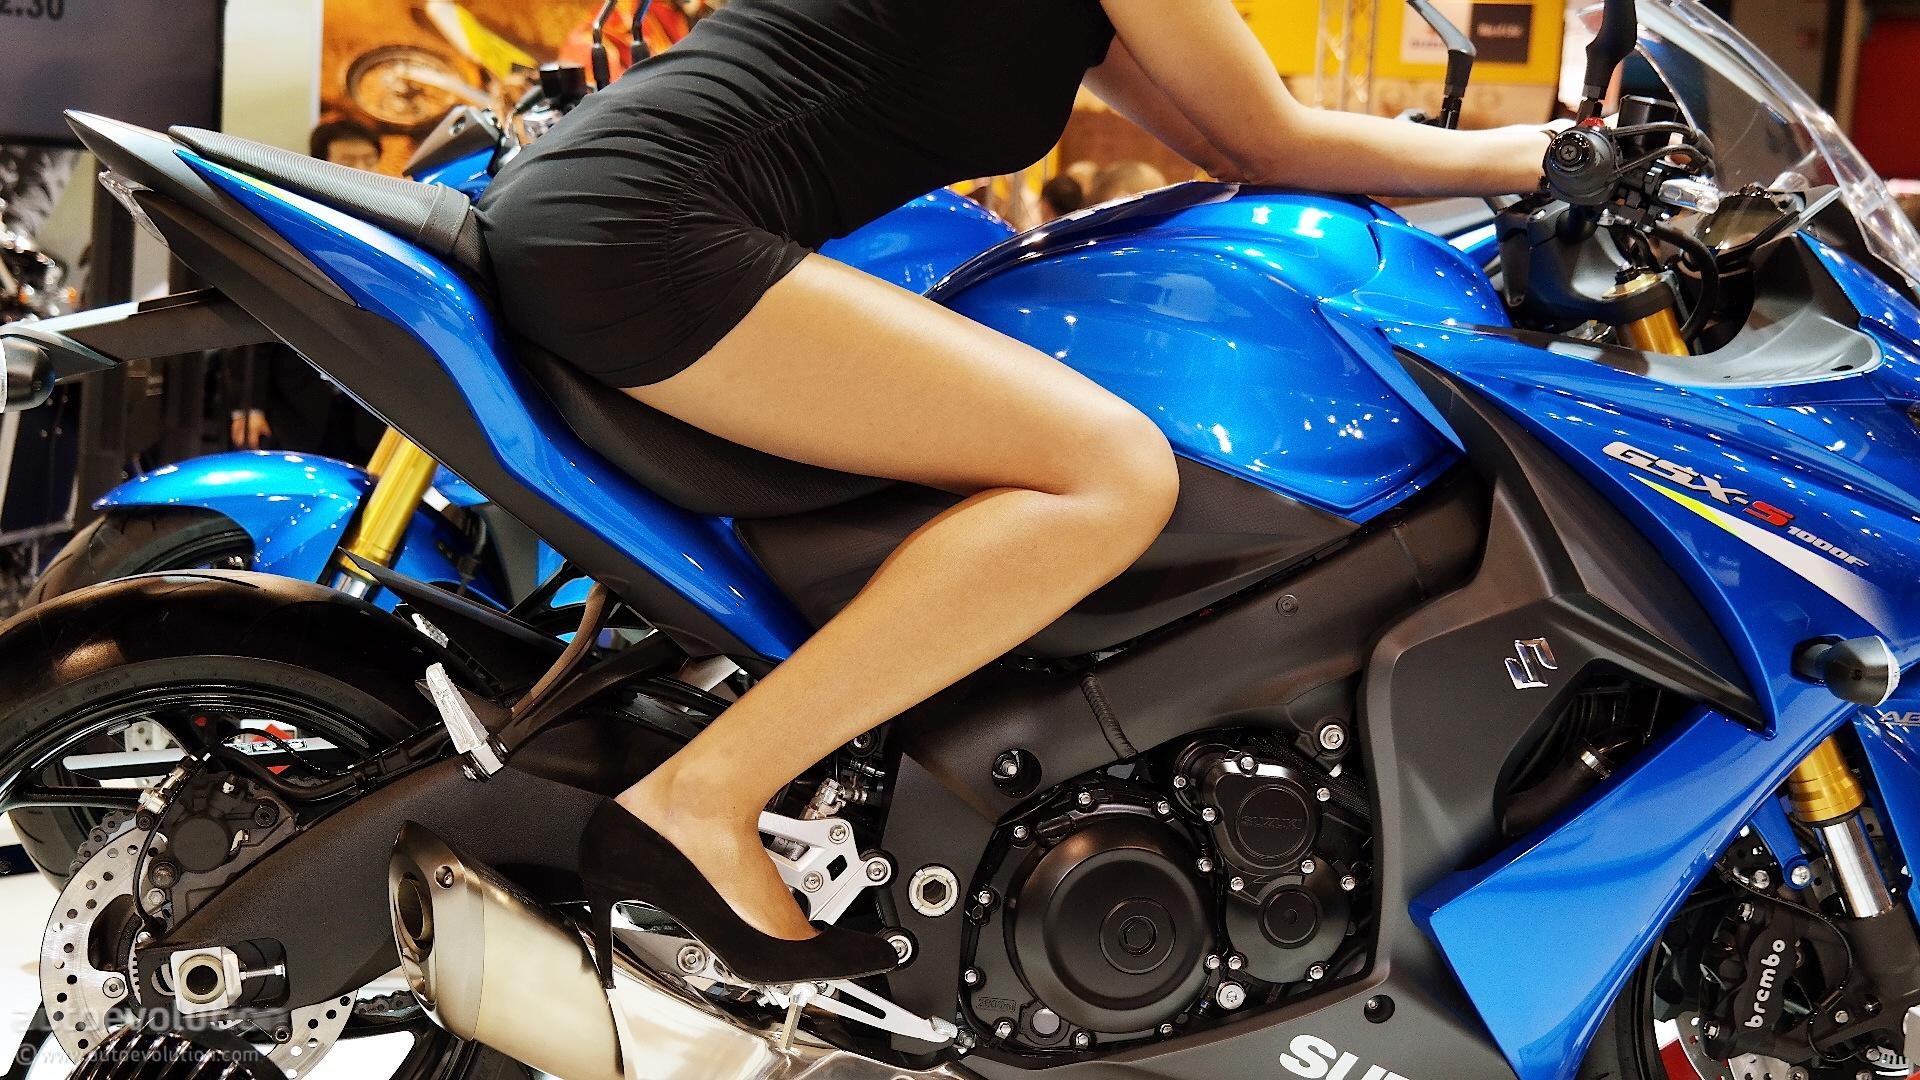 2016 Suzuki Gsx S1000f Abs Debuts At Eicma 2014 Live